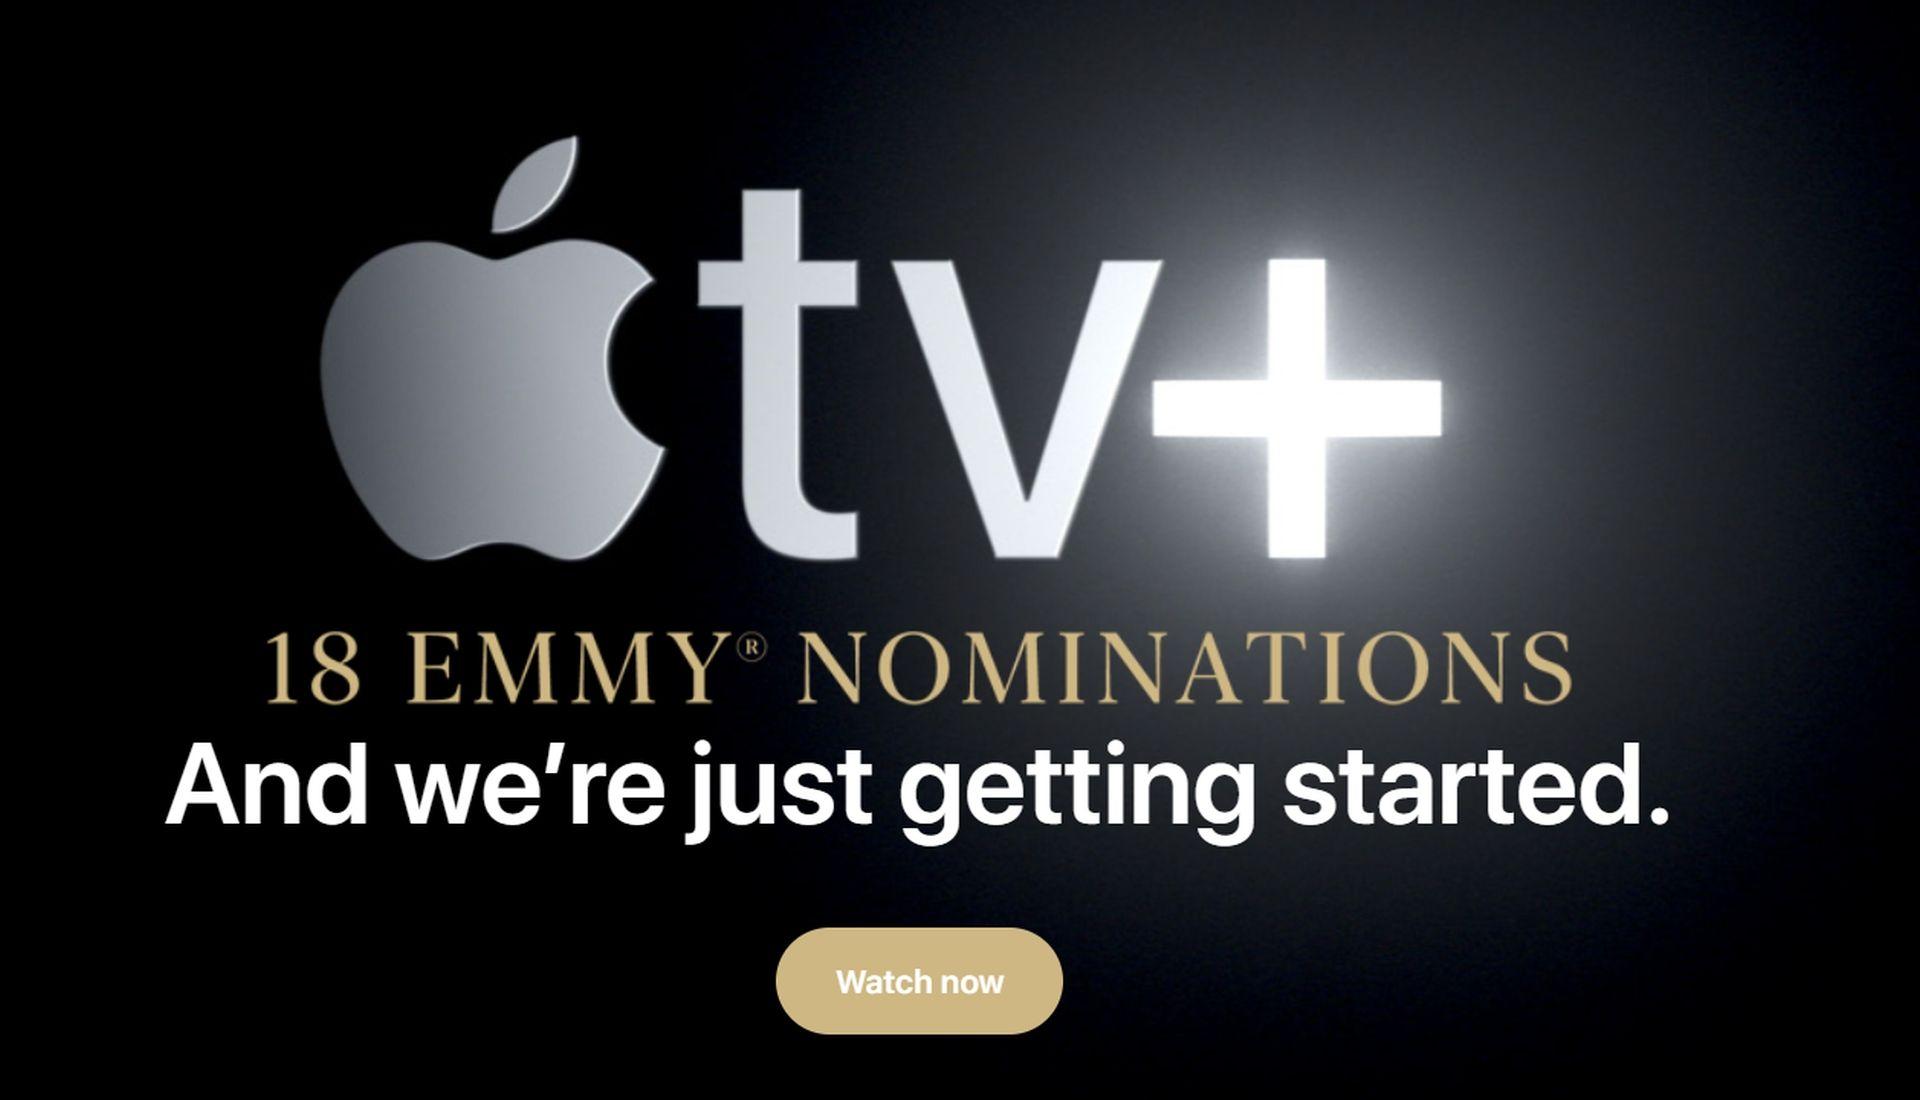 Firma Apple poinformowała o 18 nominacjach do nagród Emmy